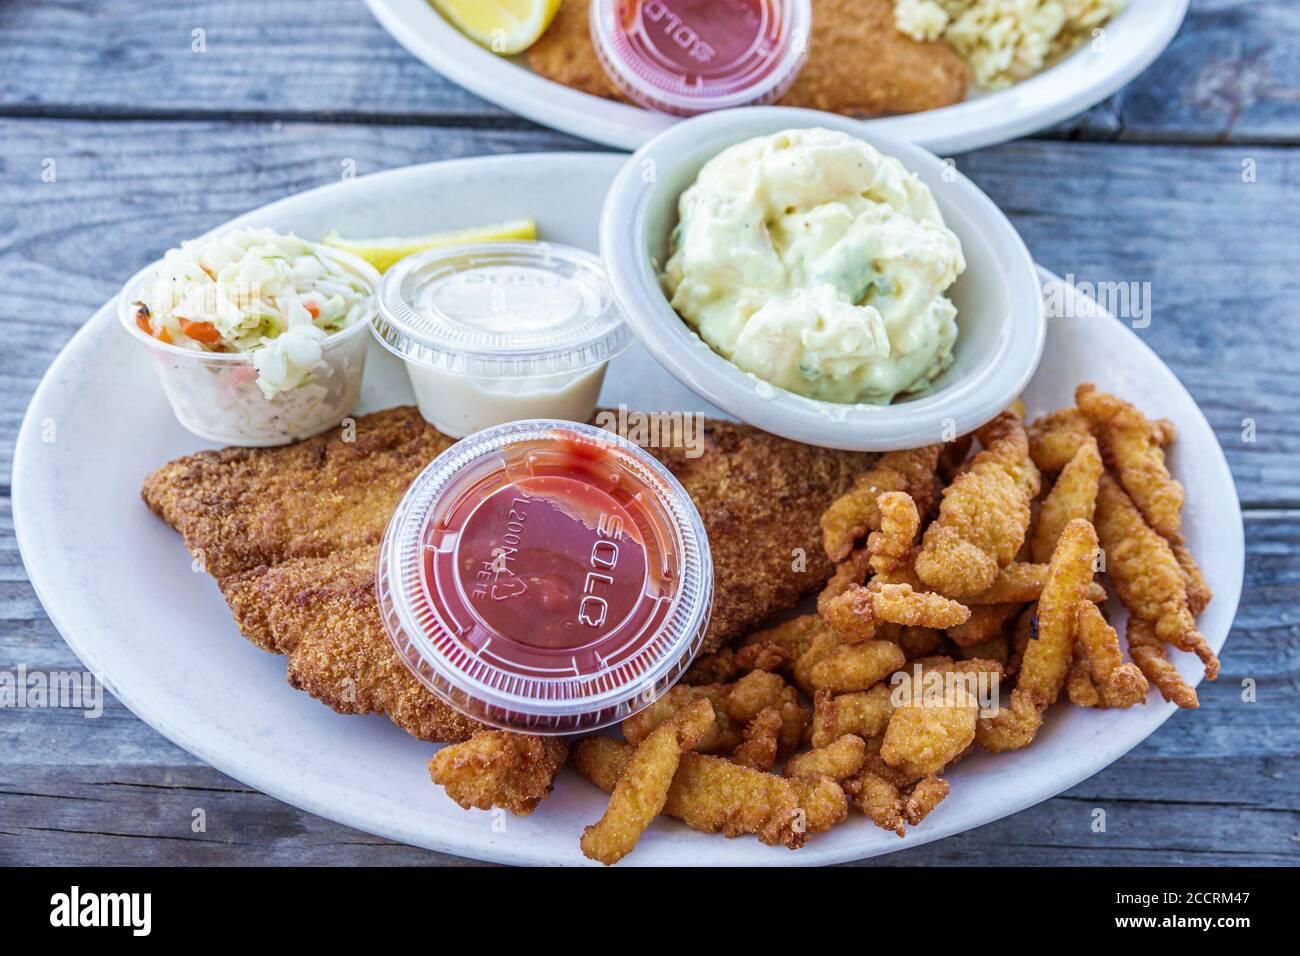 Florida Pine Island Bokeelia Capt'n con's Fish House, cabane à fruits de mer restaurant assiette alimentaire riz frit poisson palourdes salade de pommes de terre coleslaw Banque D'Images